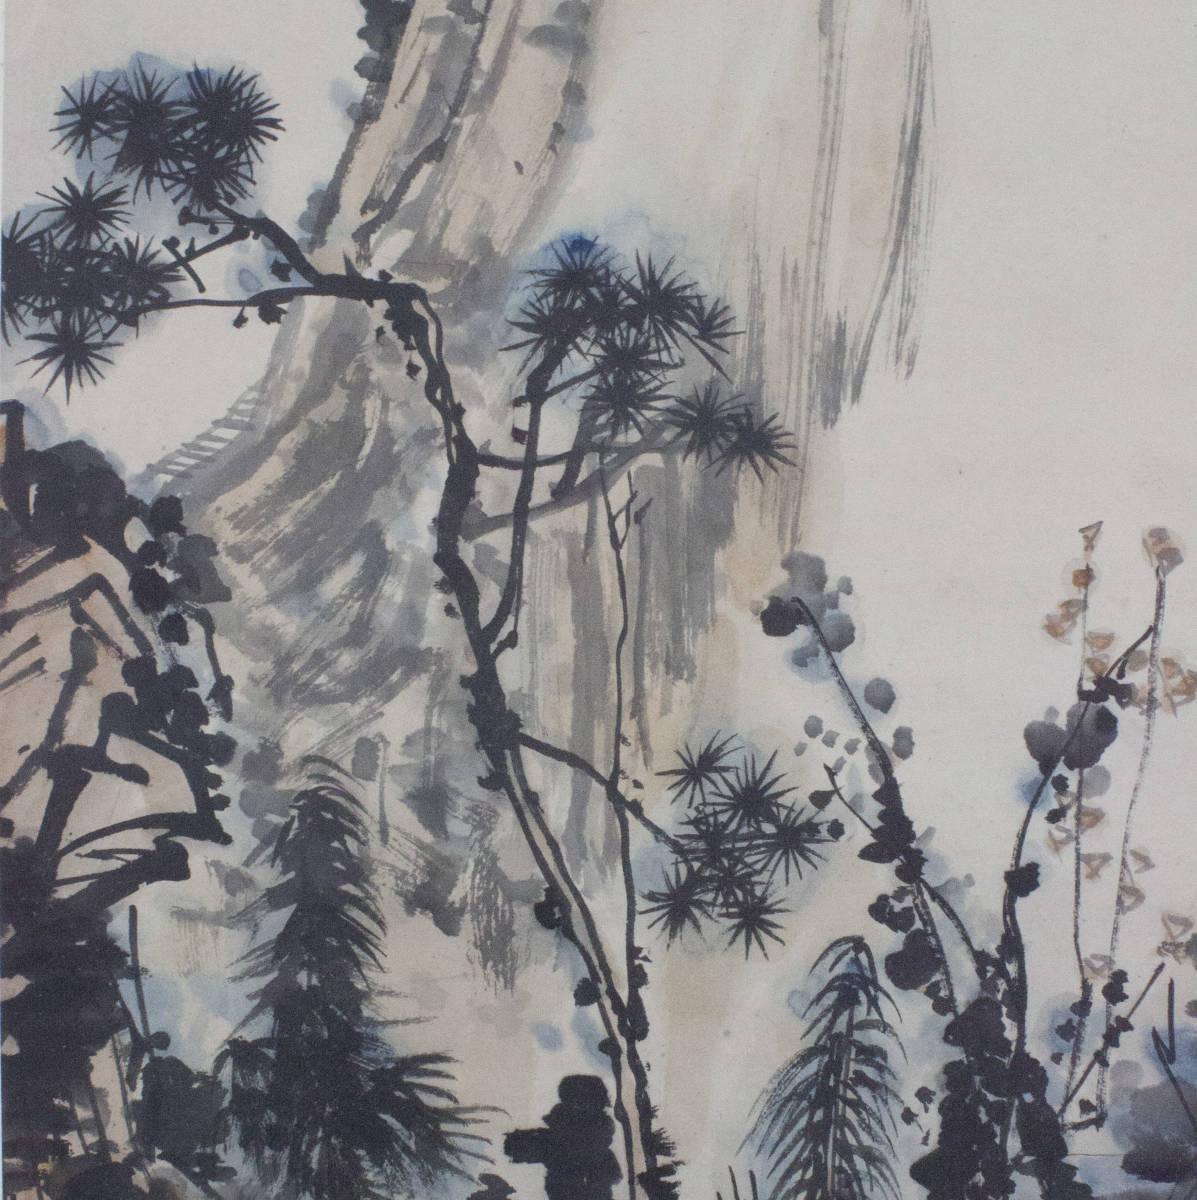 【掛け軸】★極品☆珍品★《潘天壽 秋山圖》 中国古玩 時代保証 古美術 書畫家 肉筆 紙本_画像5